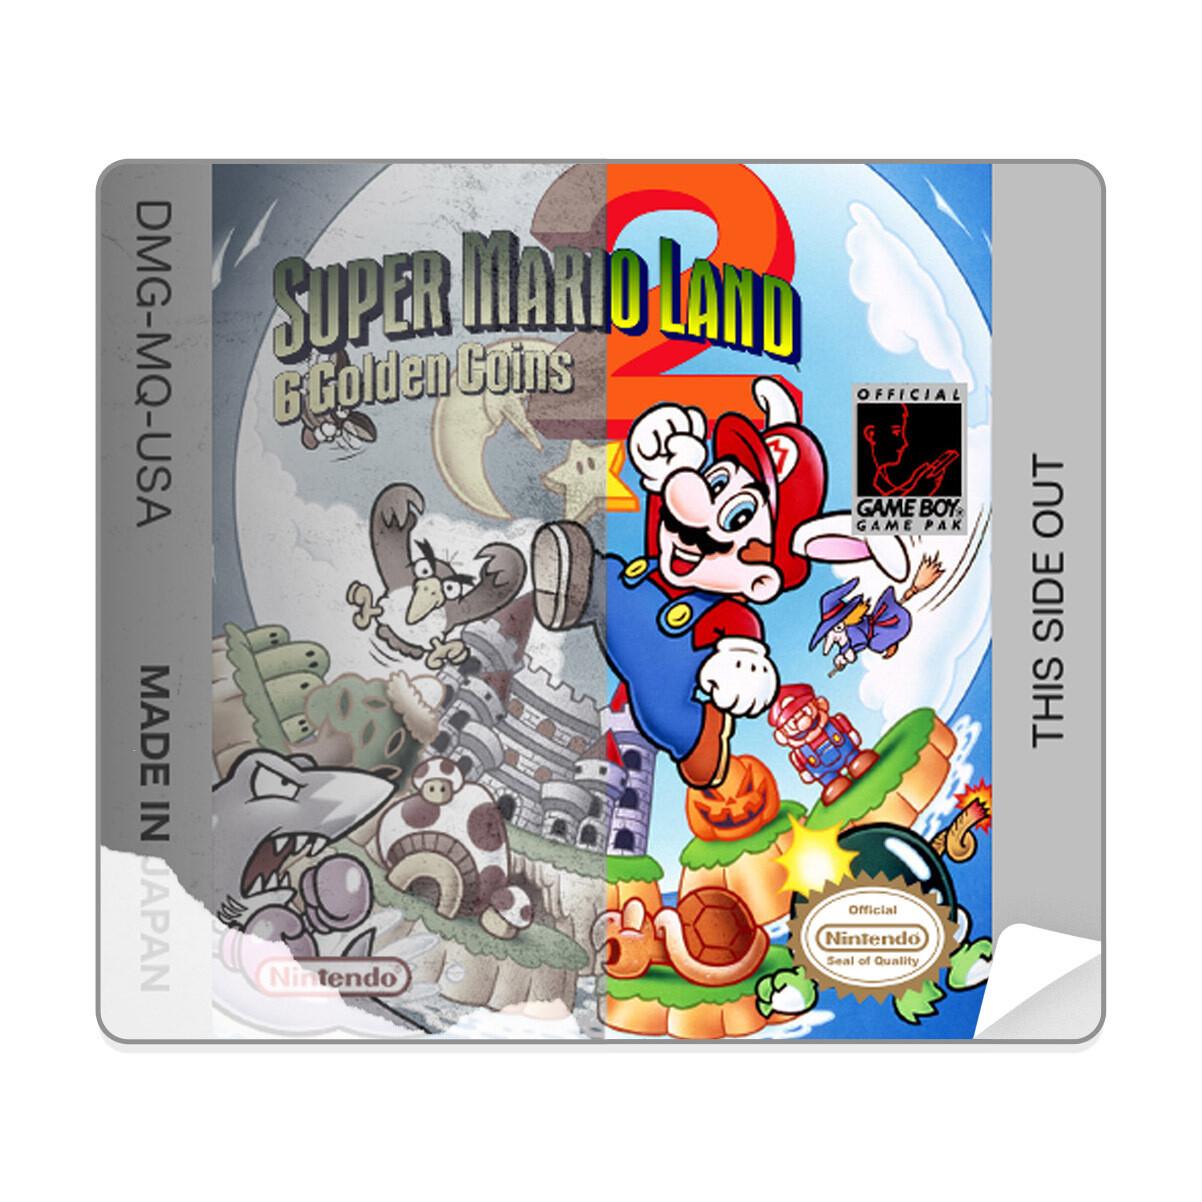 Game Boy Original Printed Sticker (Custom Design)